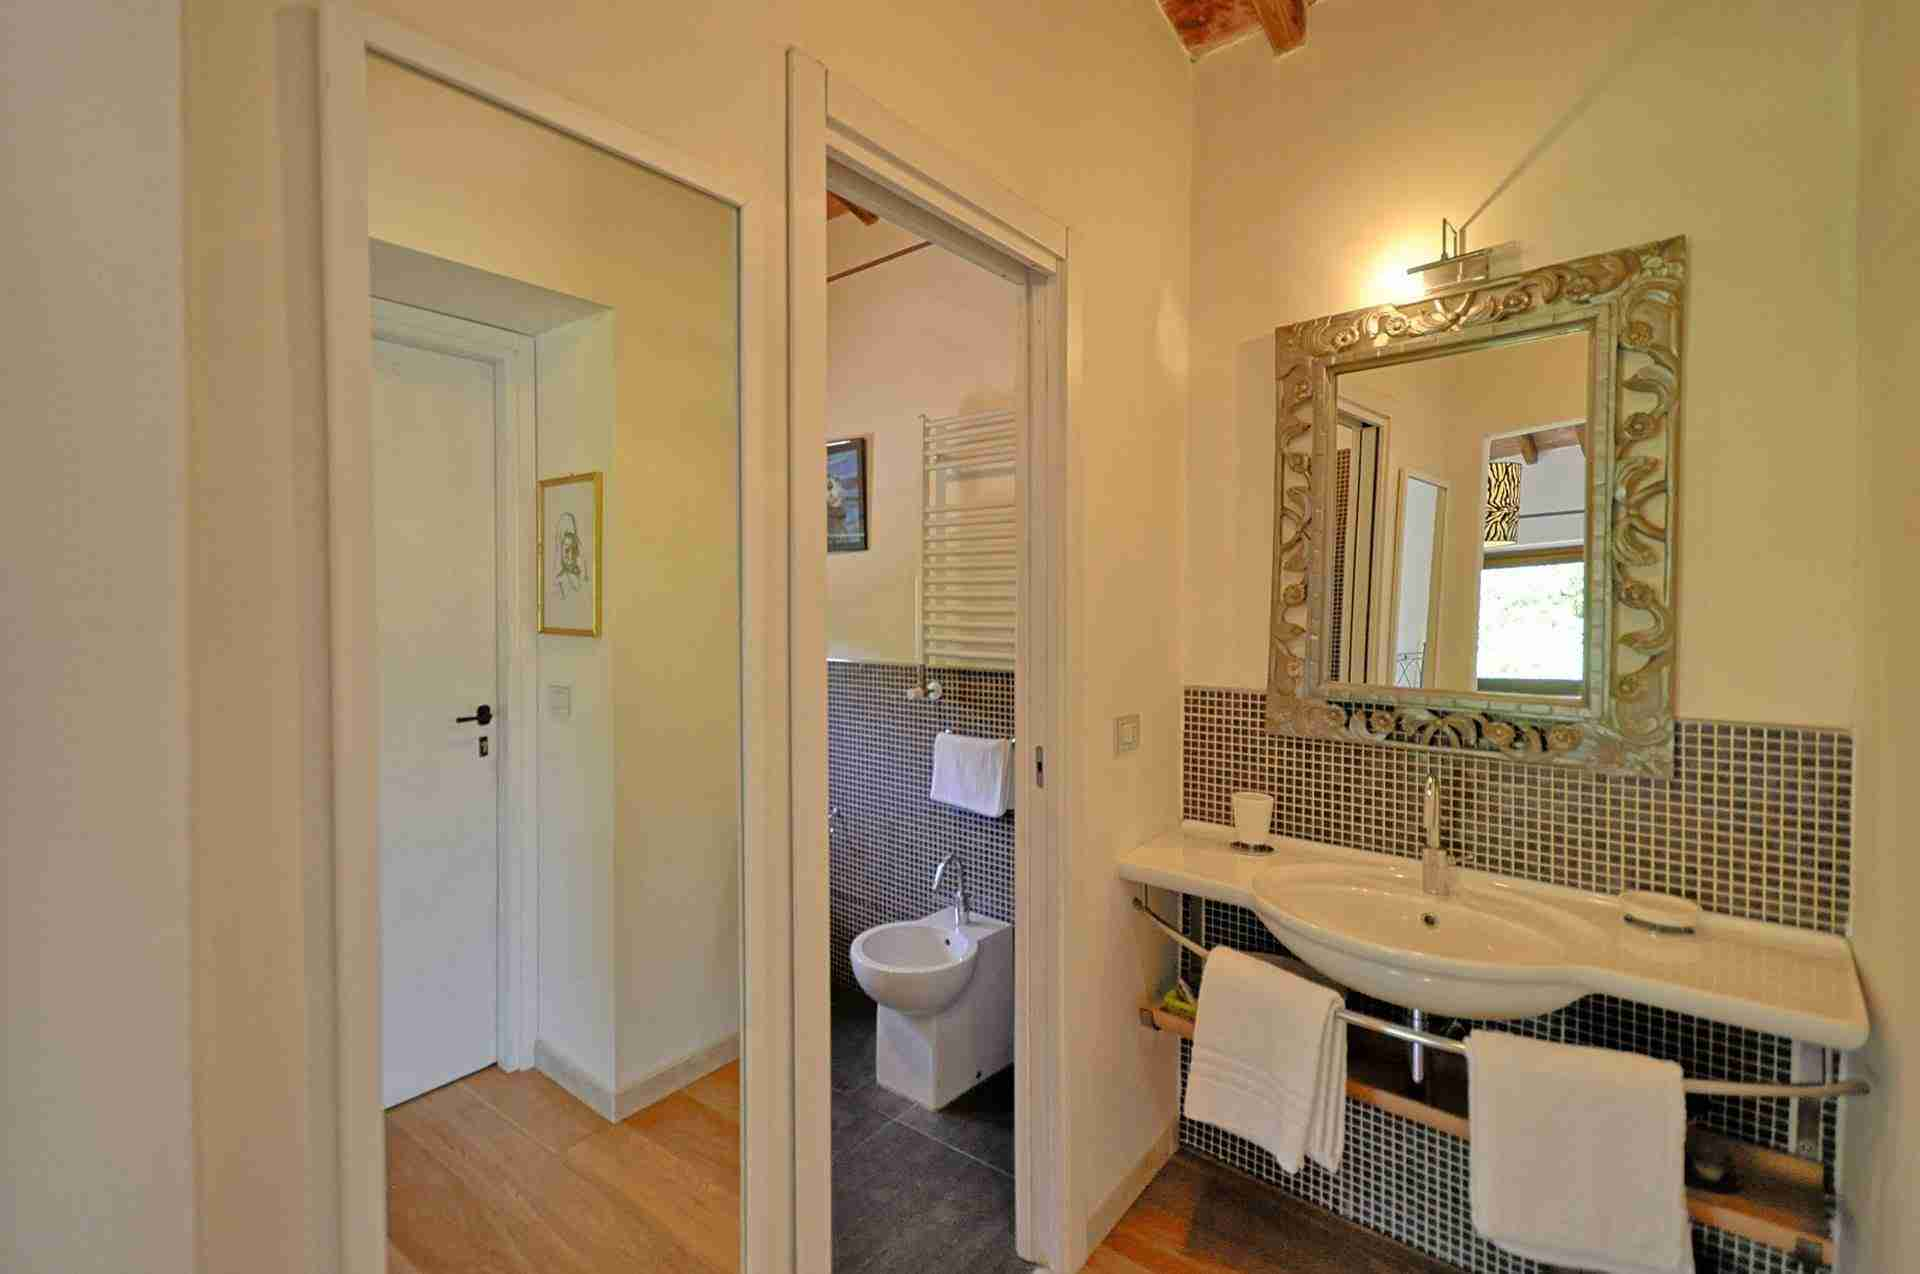 18 Perugini bathroom